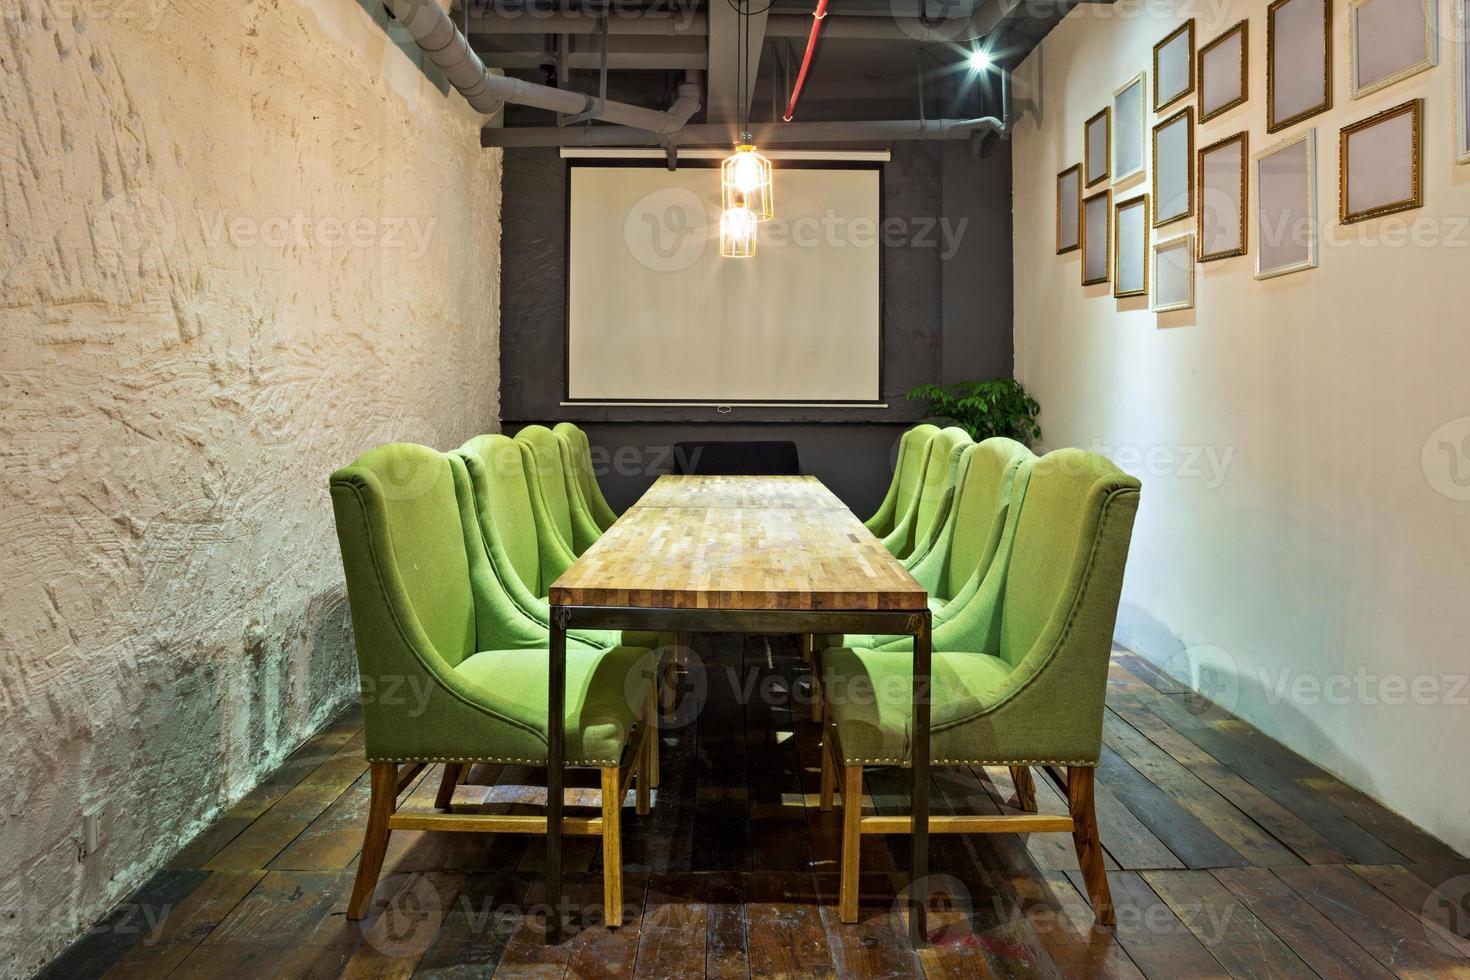 mesa de conferencia y sillas en la sala de reuniones foto